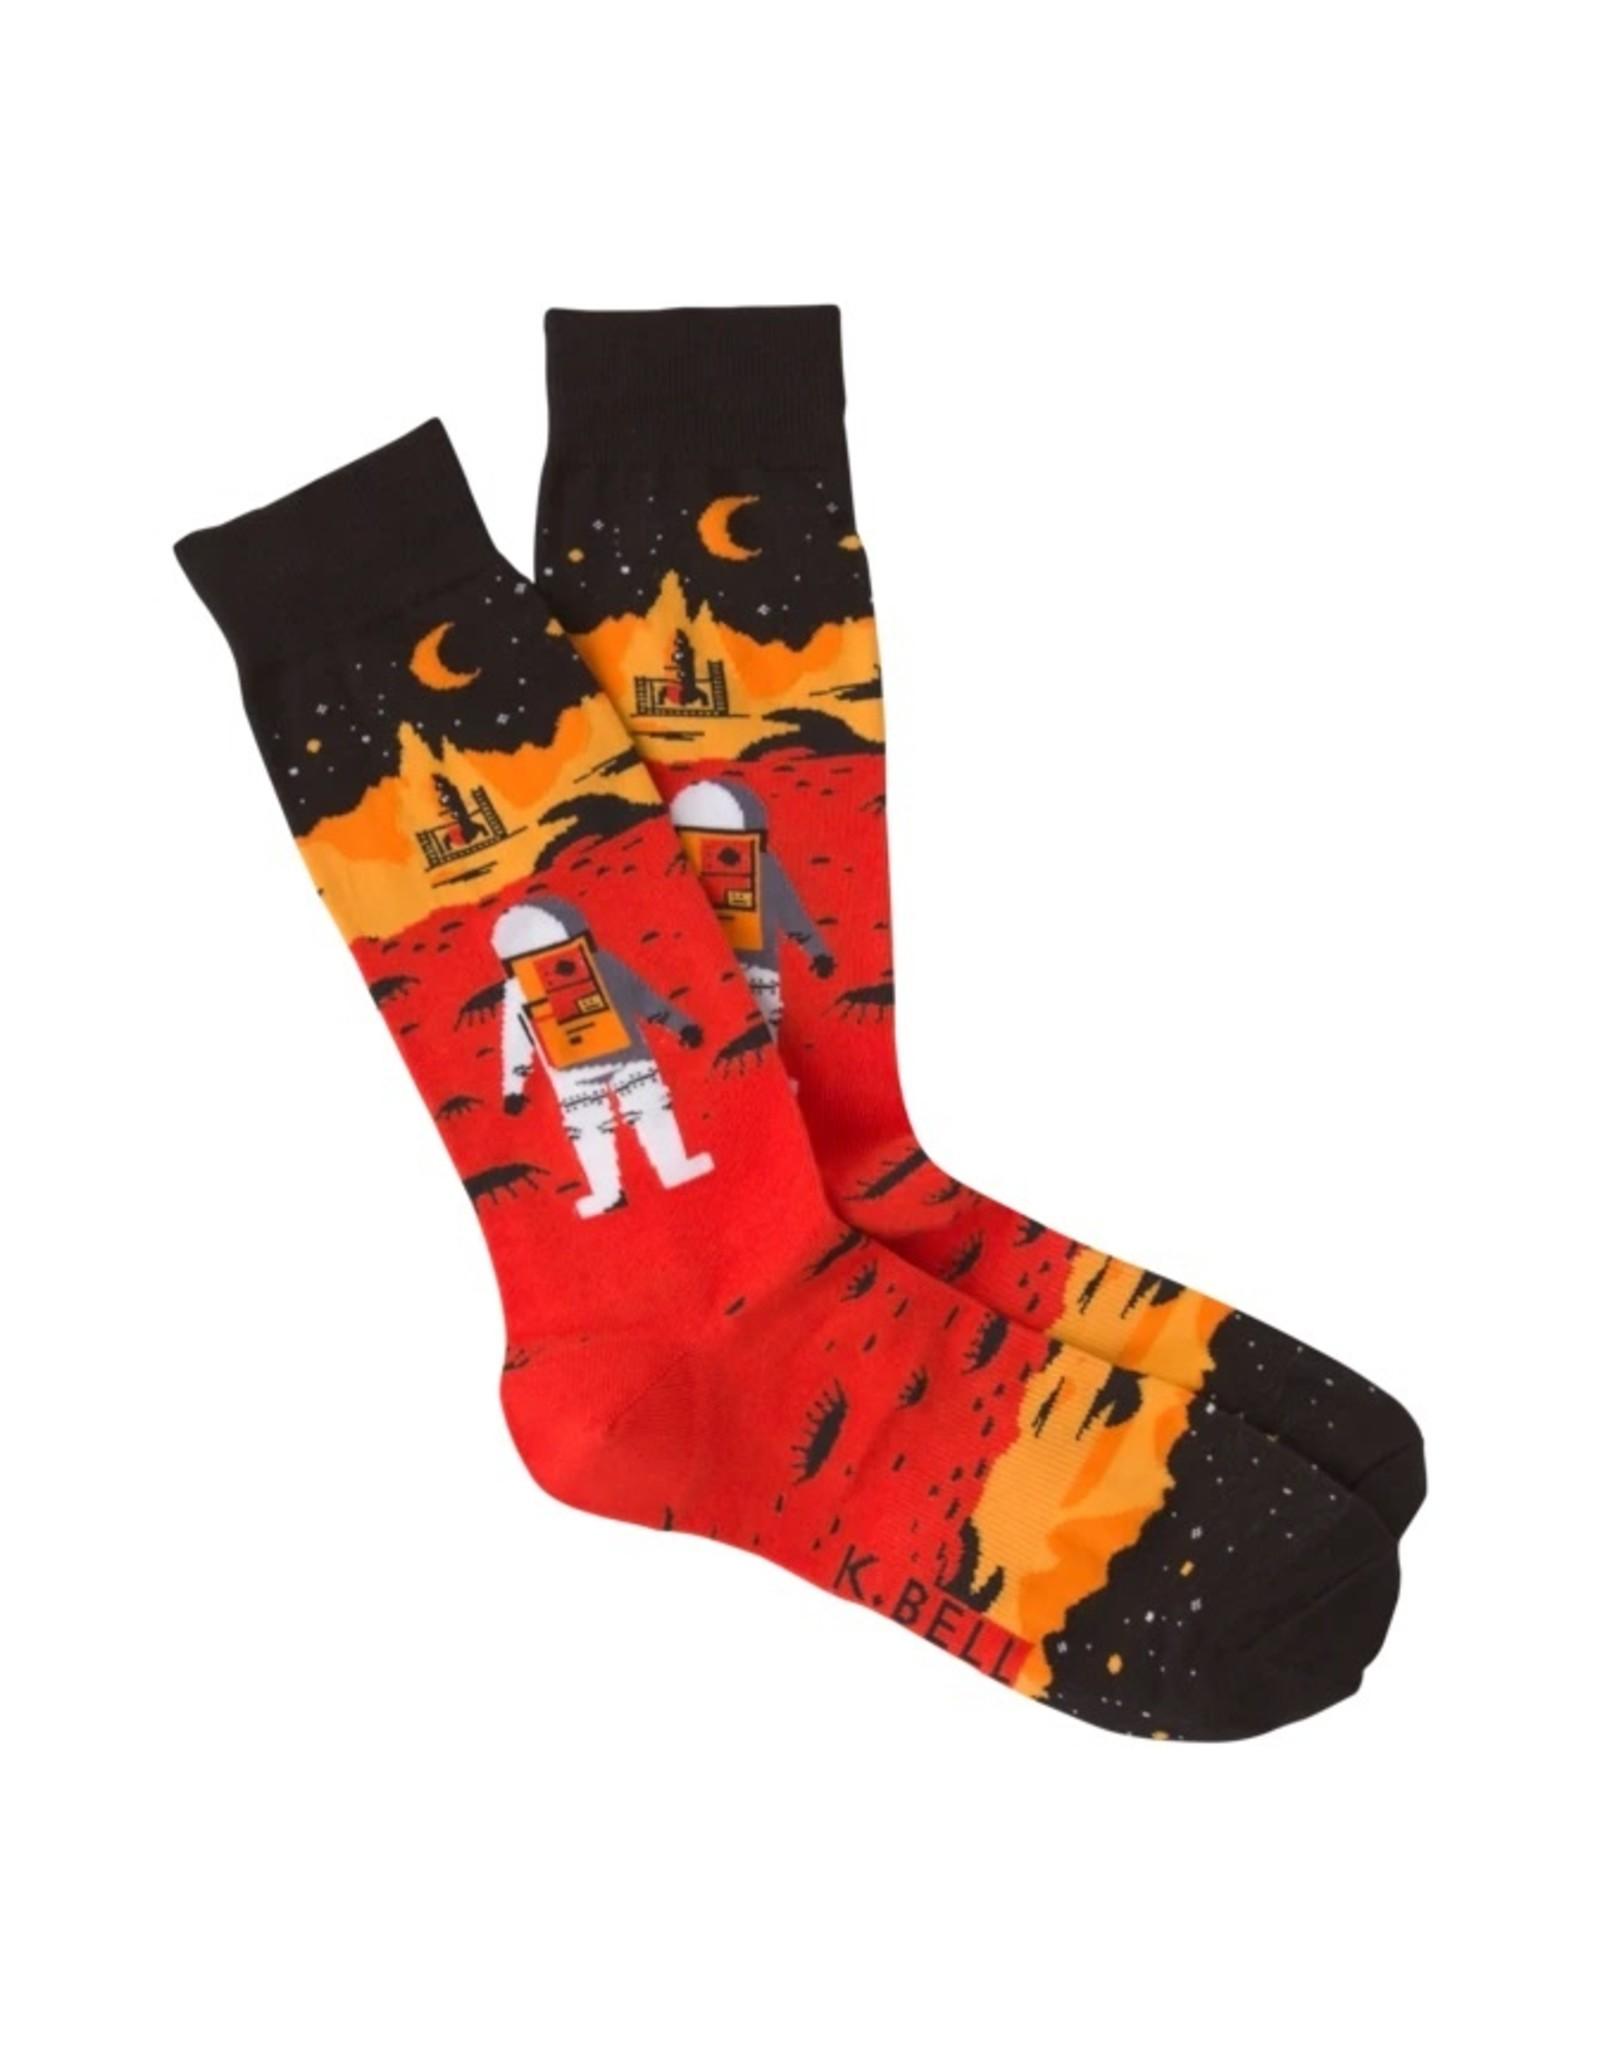 K.Bell Men's Crew Socks